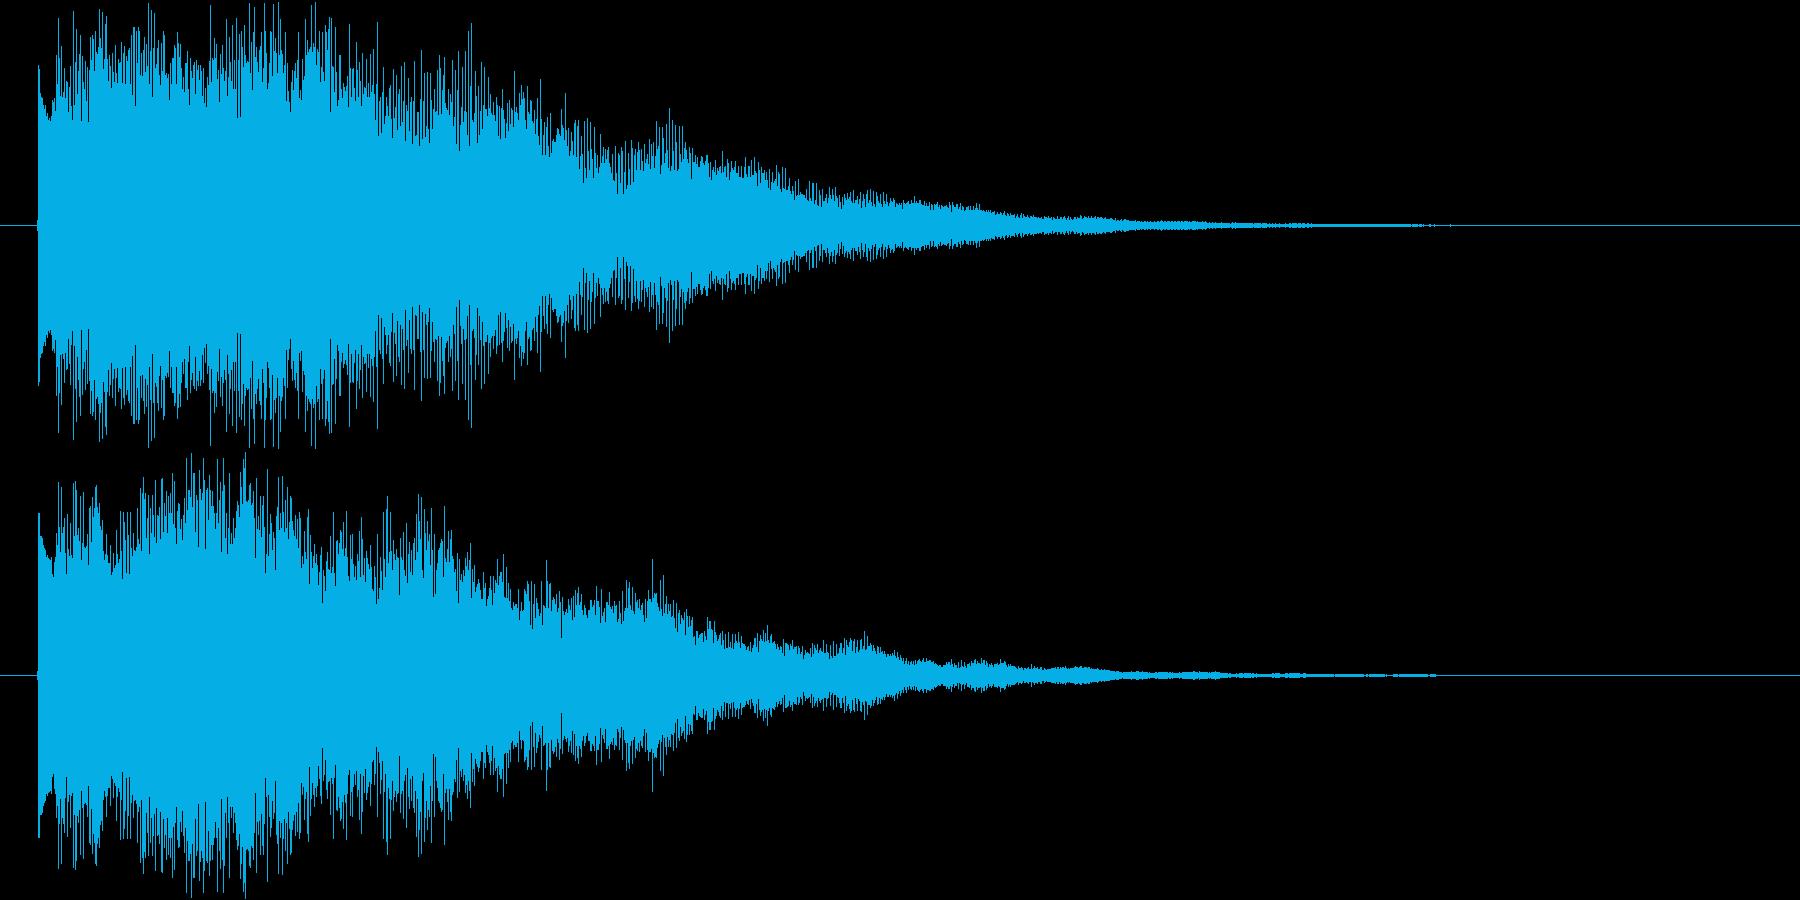 アンビエントなエレピ#1・サウンドロゴ等の再生済みの波形